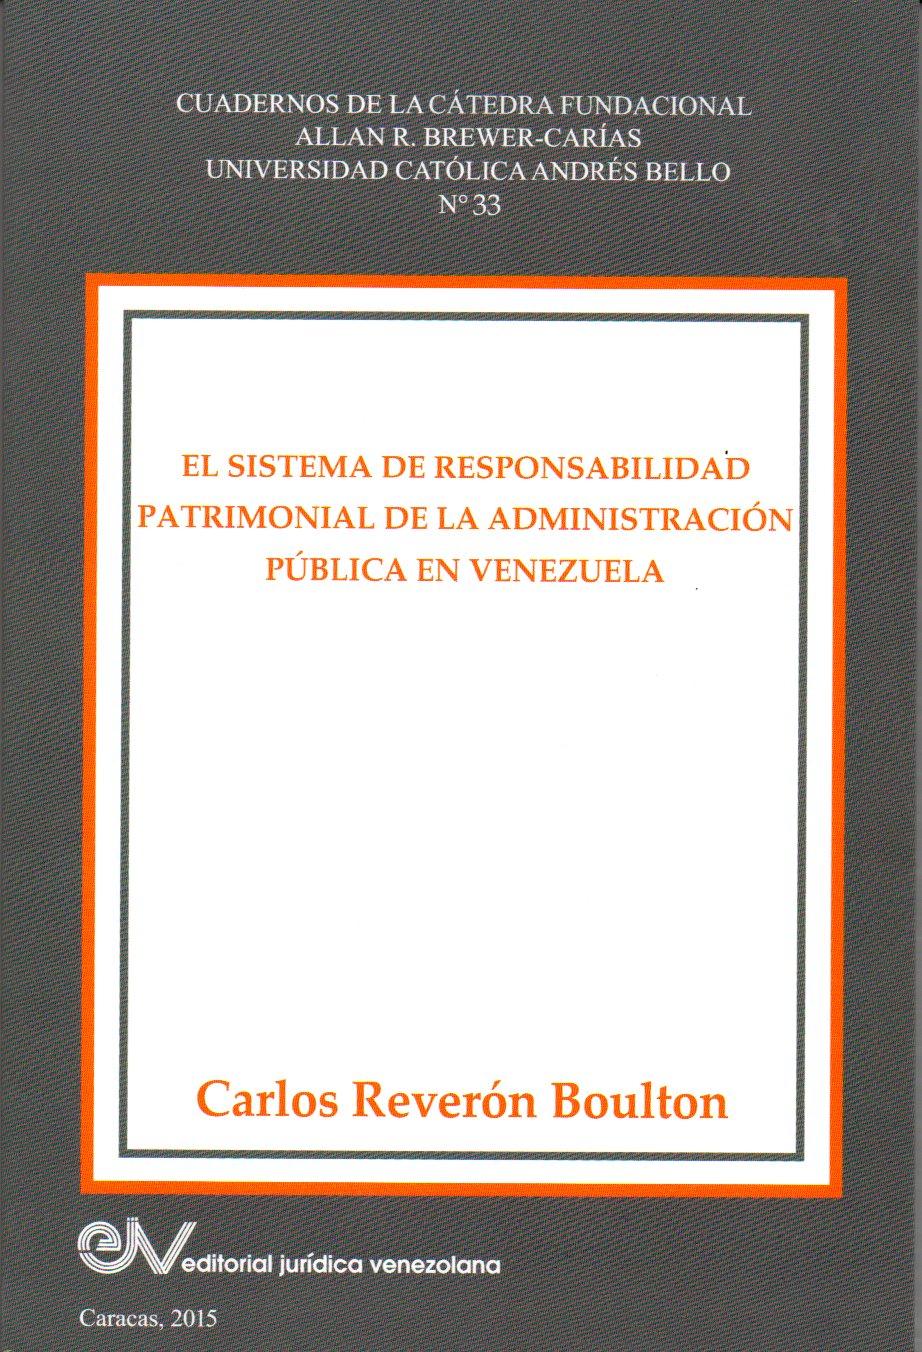 #Libro El Sistema de Responsabilidad Patrimonial de la Administración Pública en Venezuela